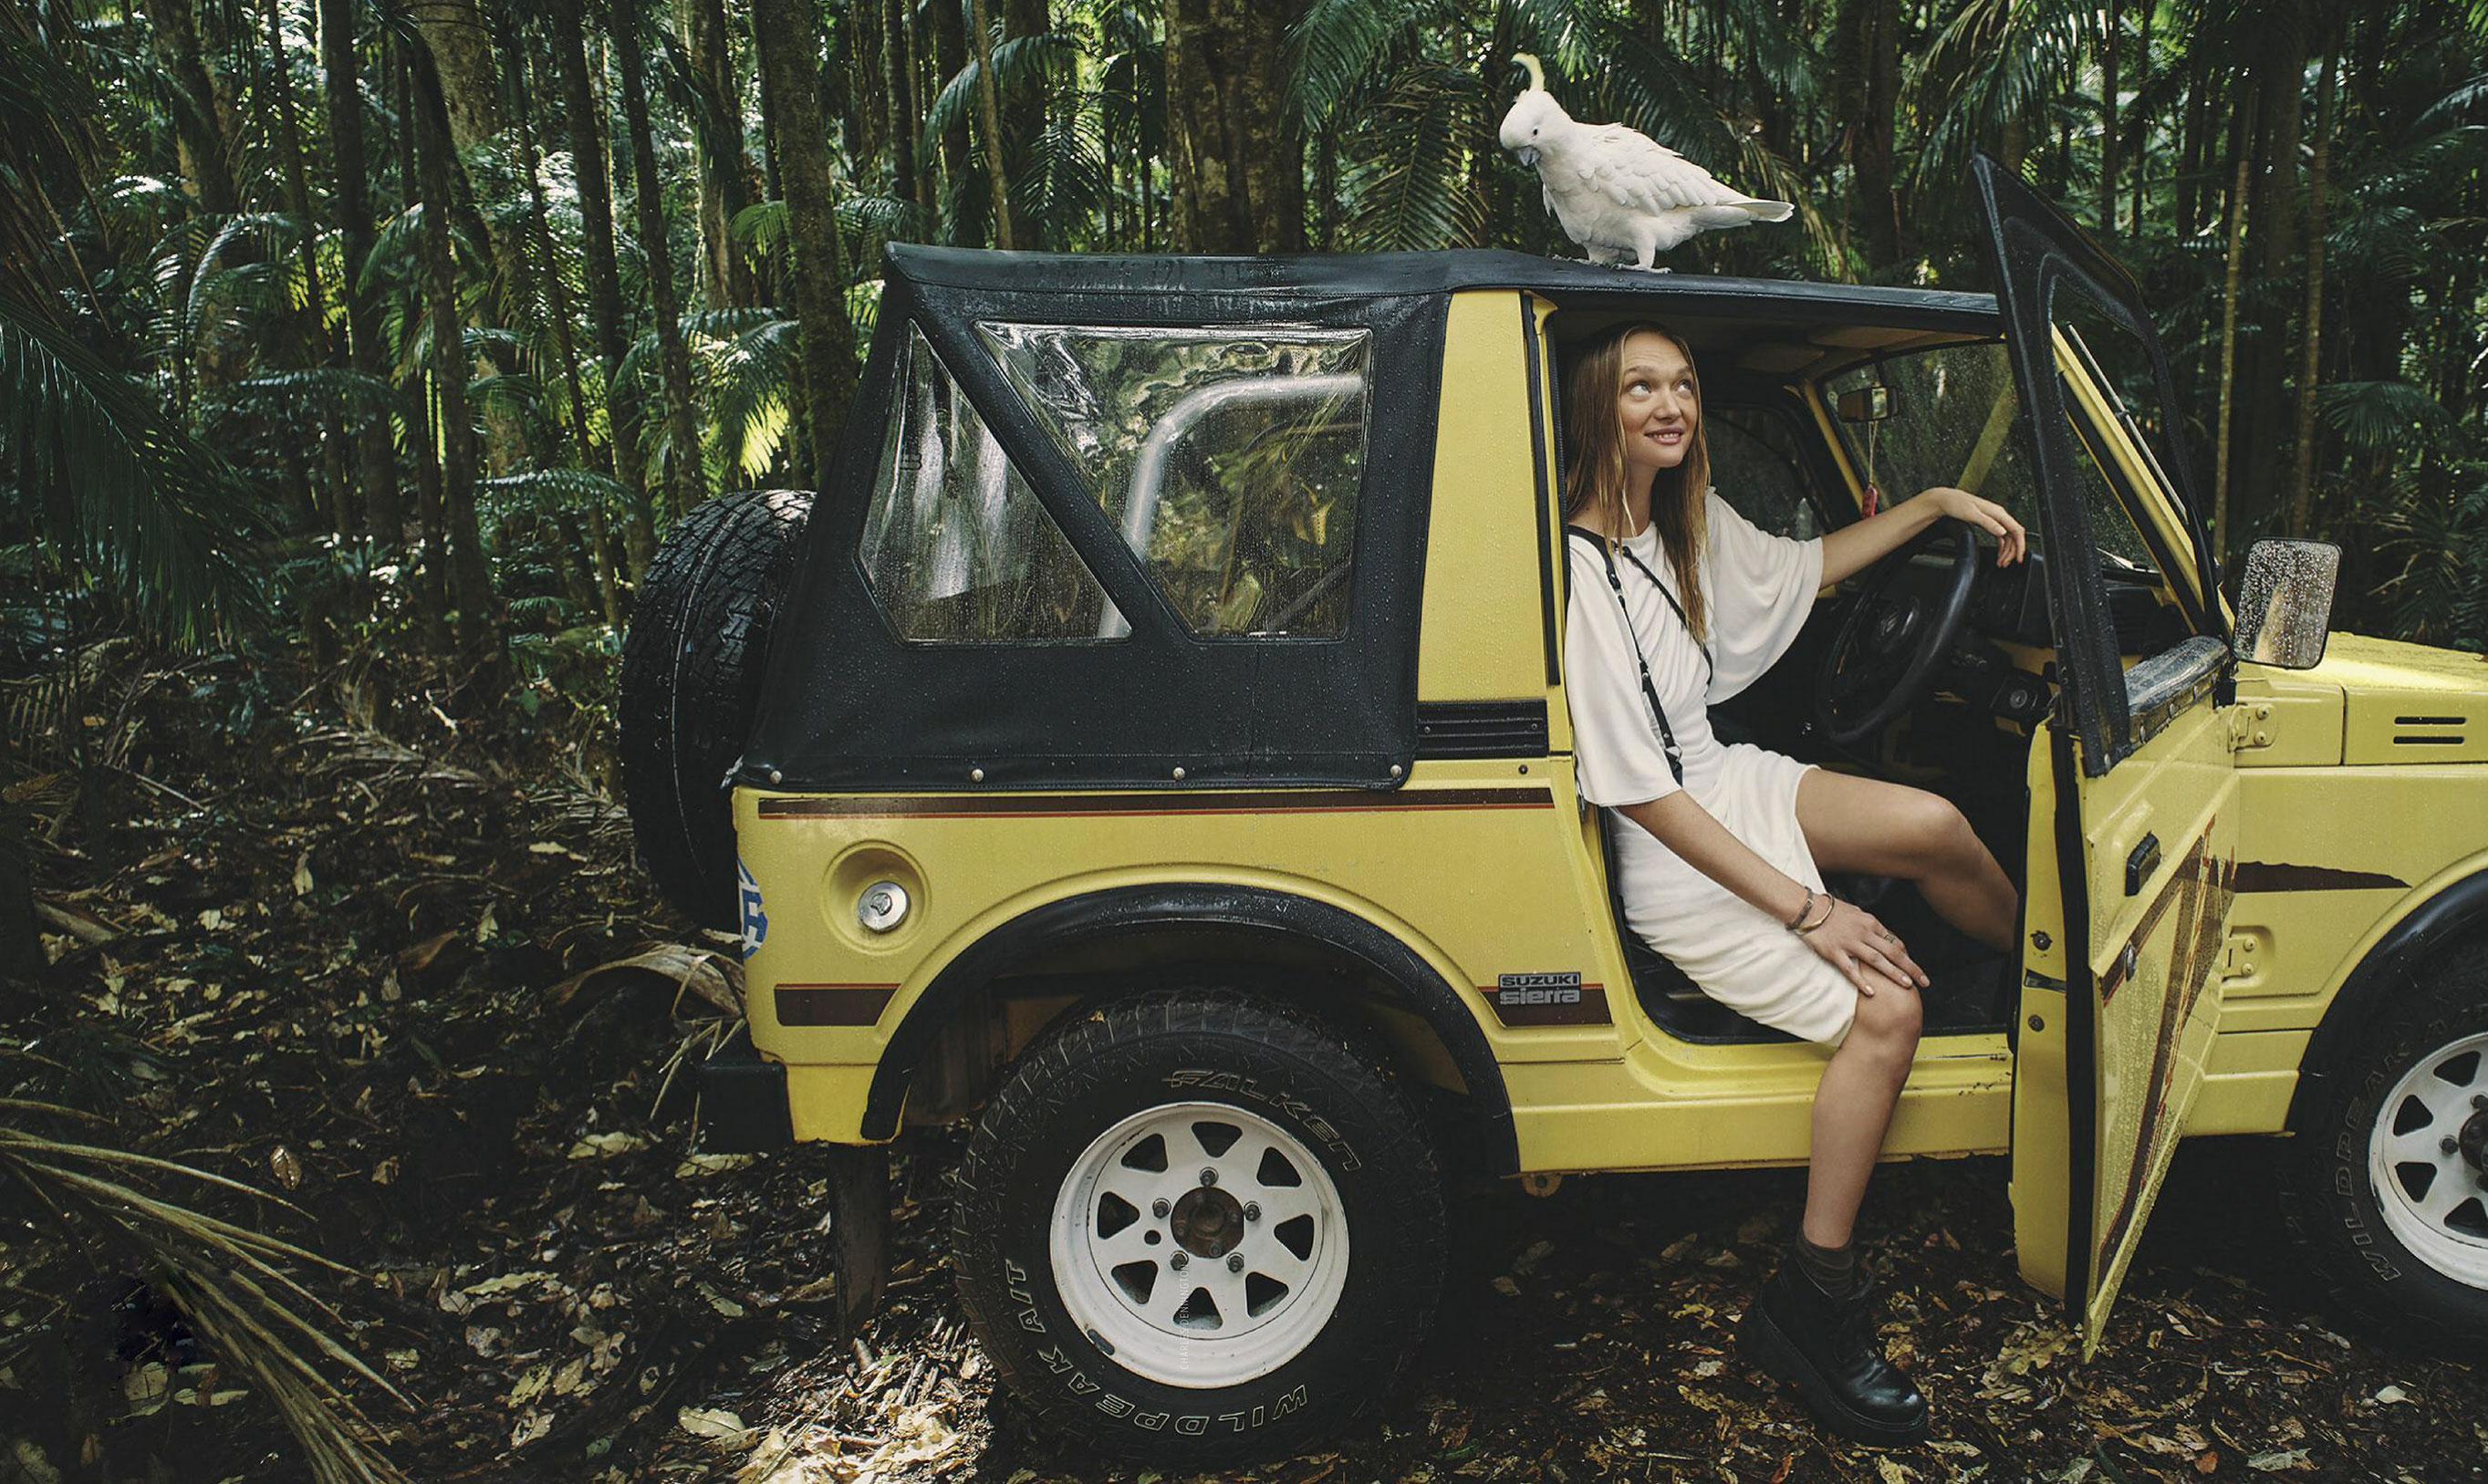 Джемма Уорд с семьей путешествует по лесам Нового Южного Уэльса / фото 02